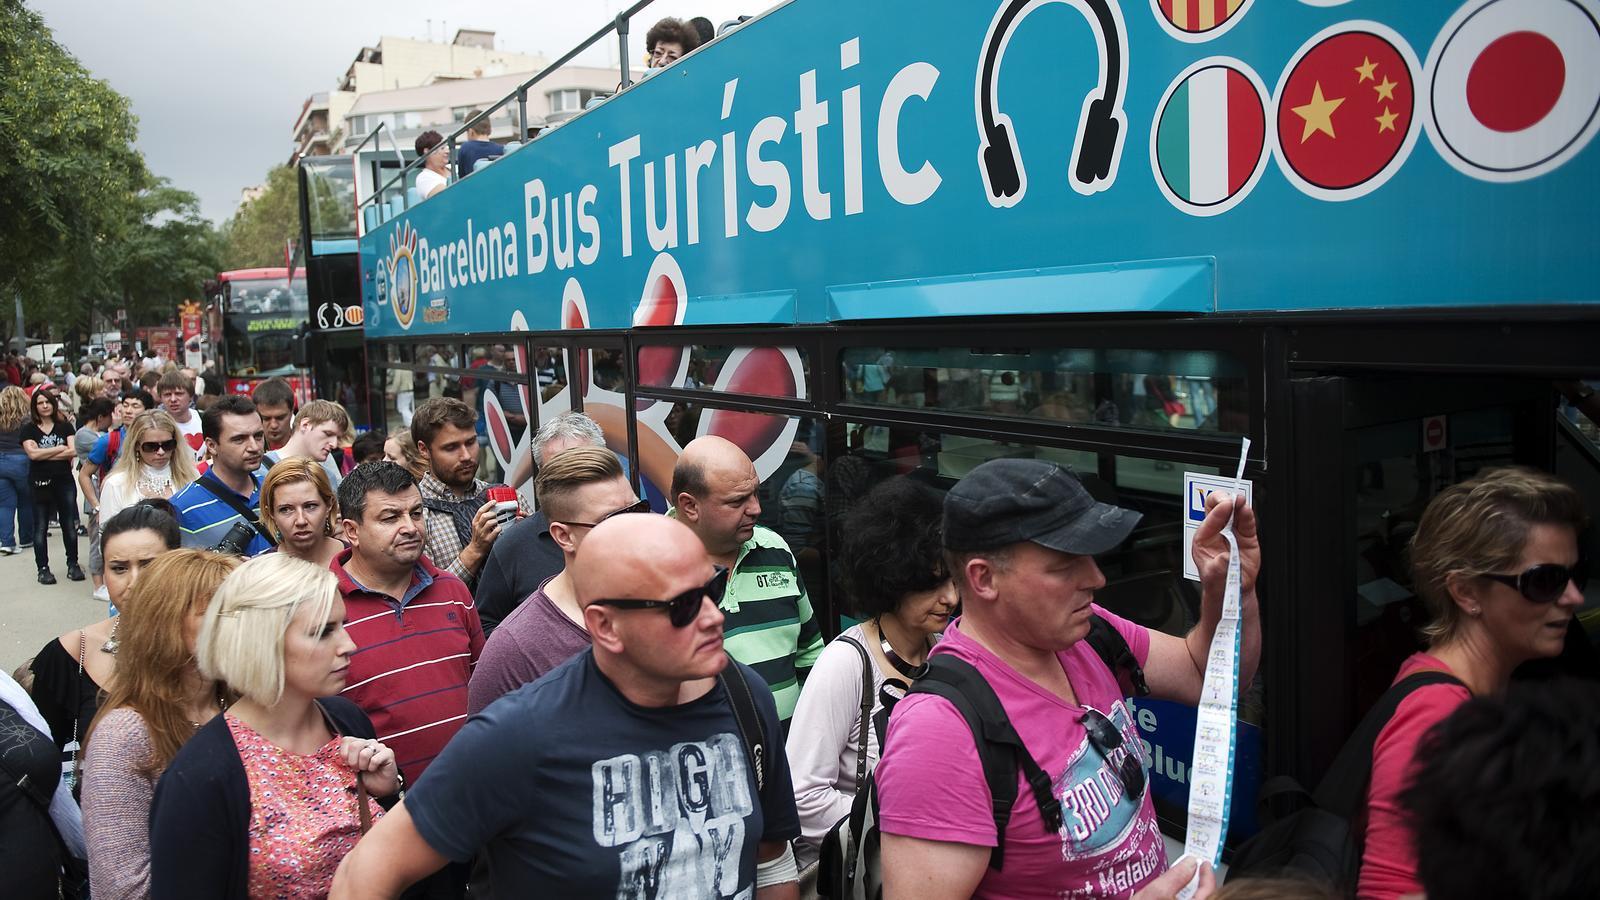 Un grup de turistes esperen per pujar al bus turístic / FRANCESC MELCION